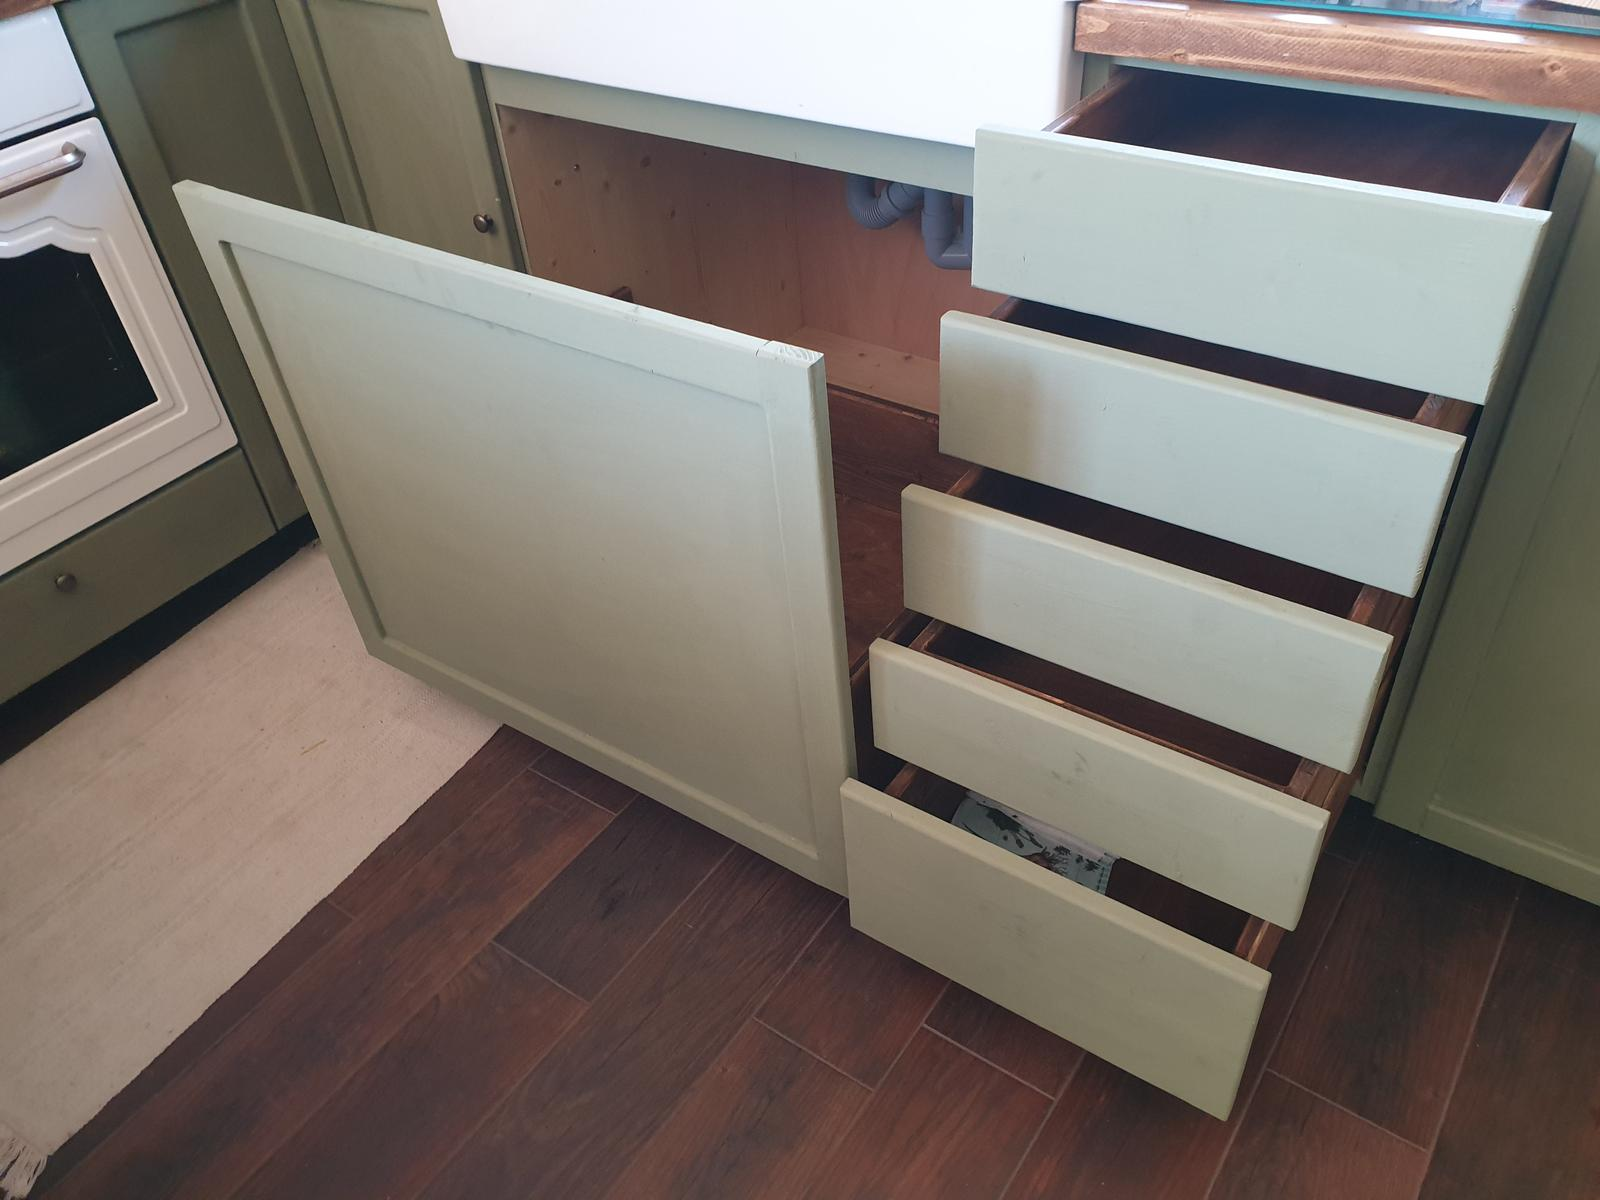 Kuchyňa svojpomocne - Ešte zavoskovať a úchytky. a daco spravit s tymi velkymi dverami pod umyvadlom... nie je to celkom ono :(